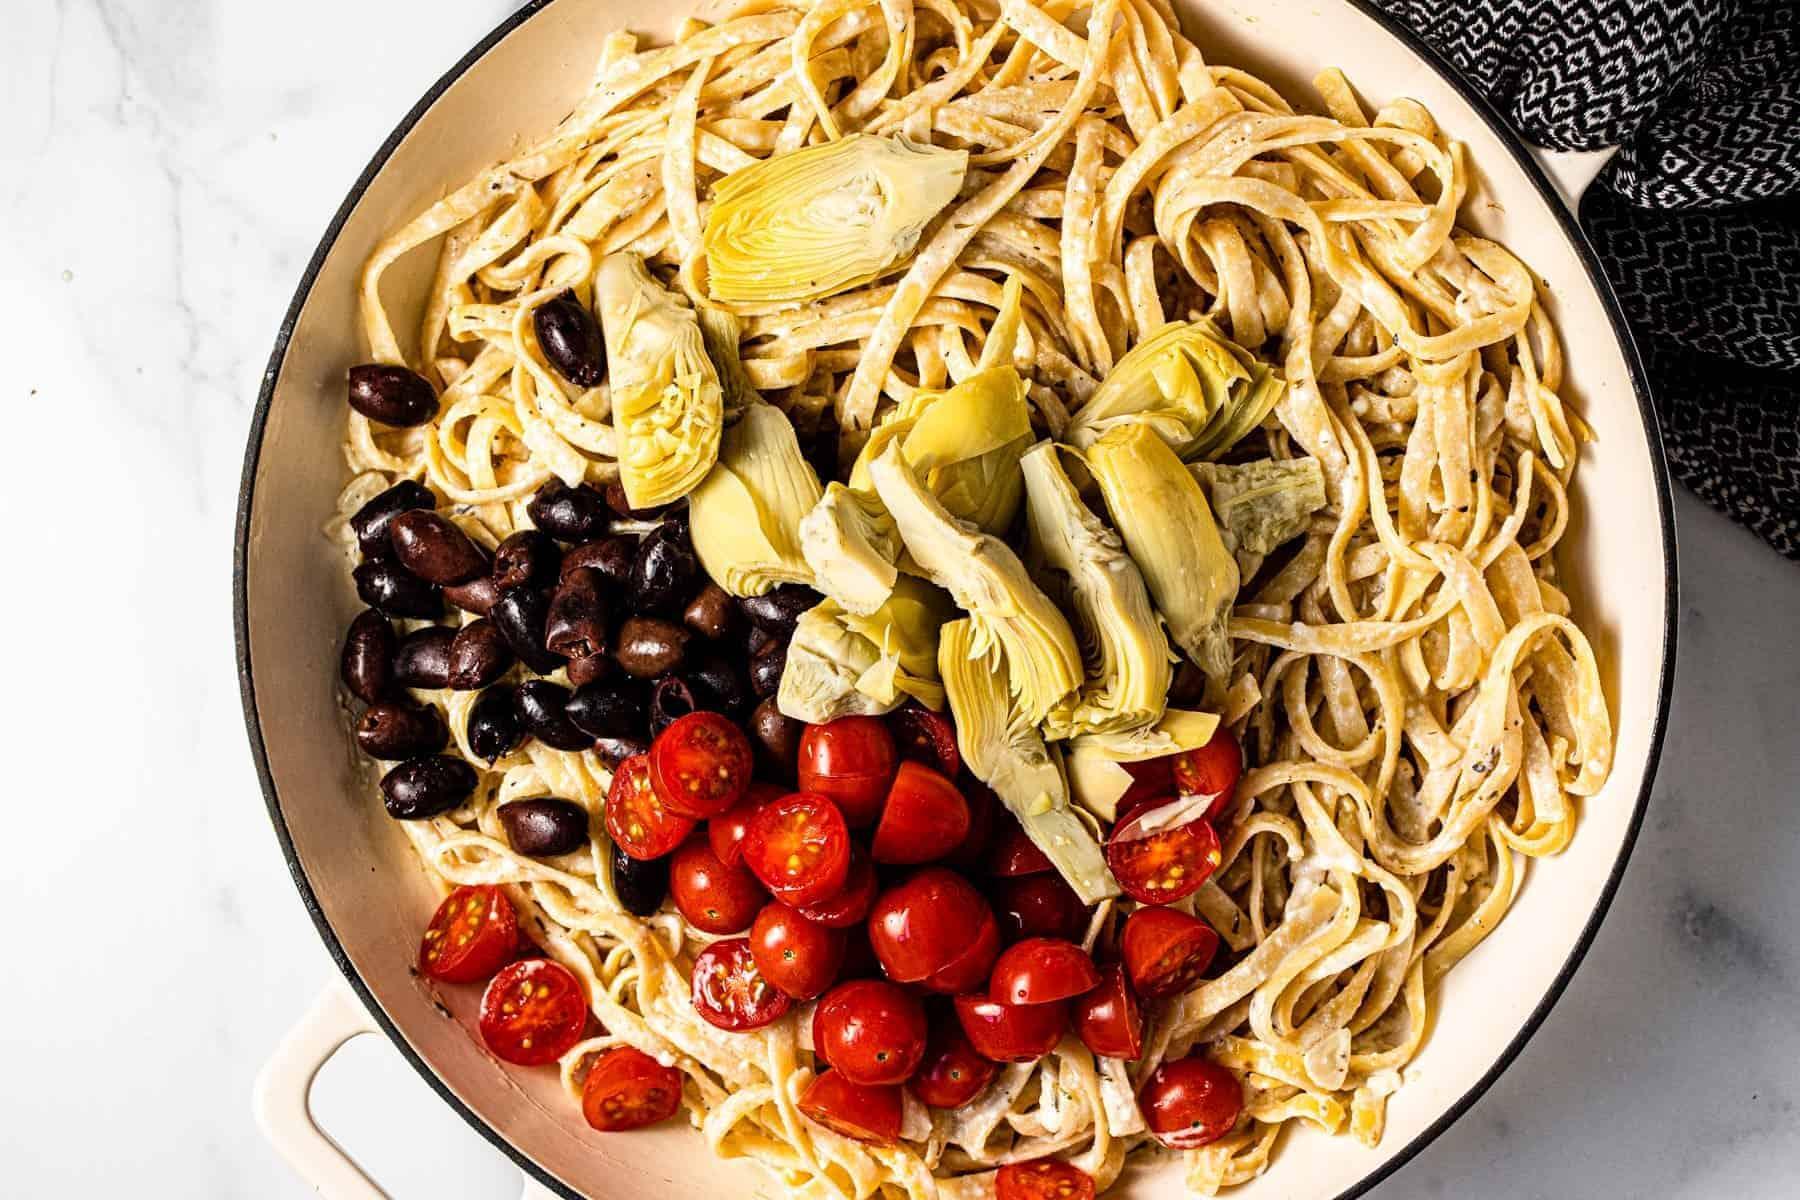 Large pan filled with ingredients to make Greek pasta